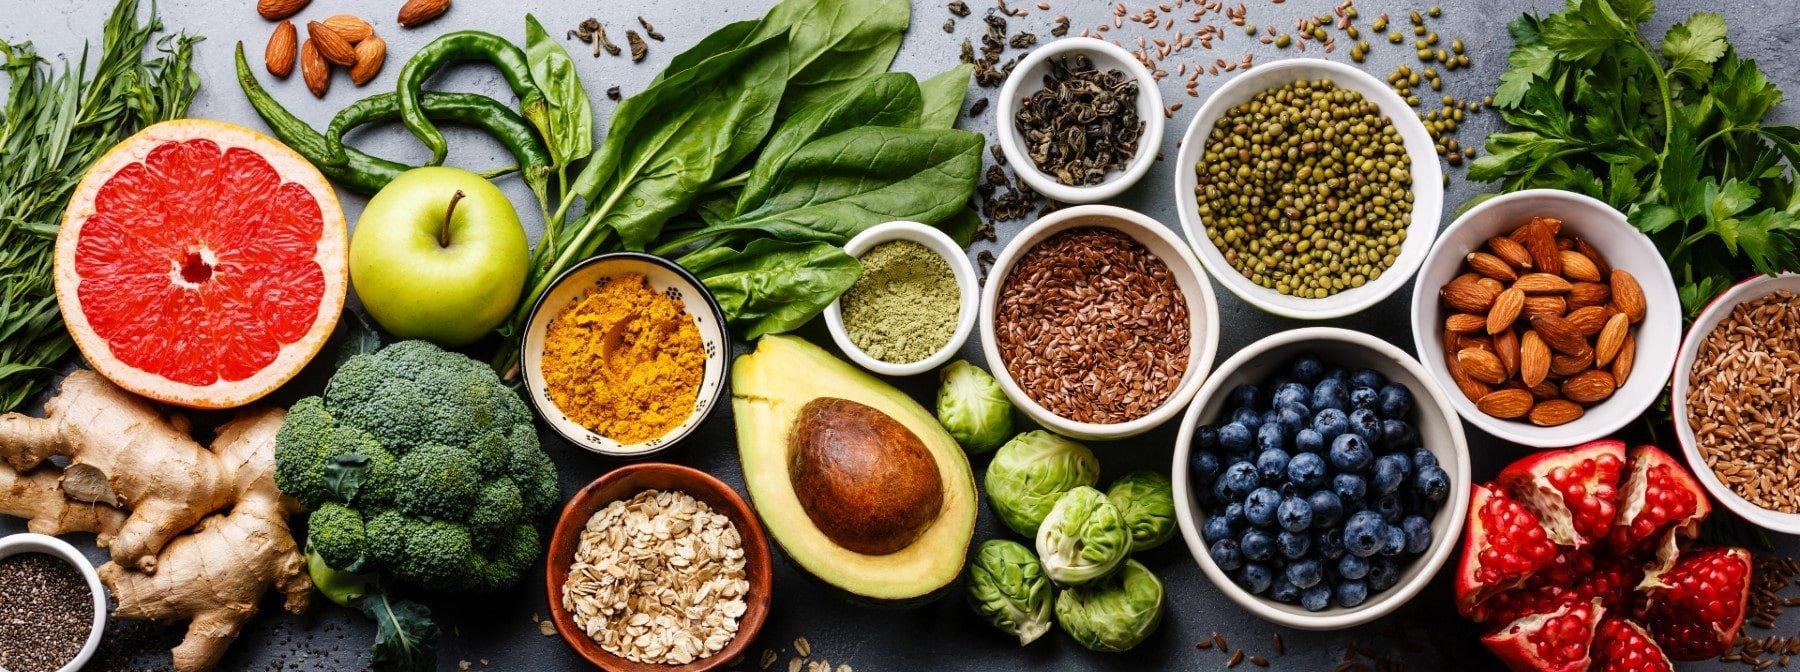 A vércsoport diéta | Étkezés a vércsoportod függvényében